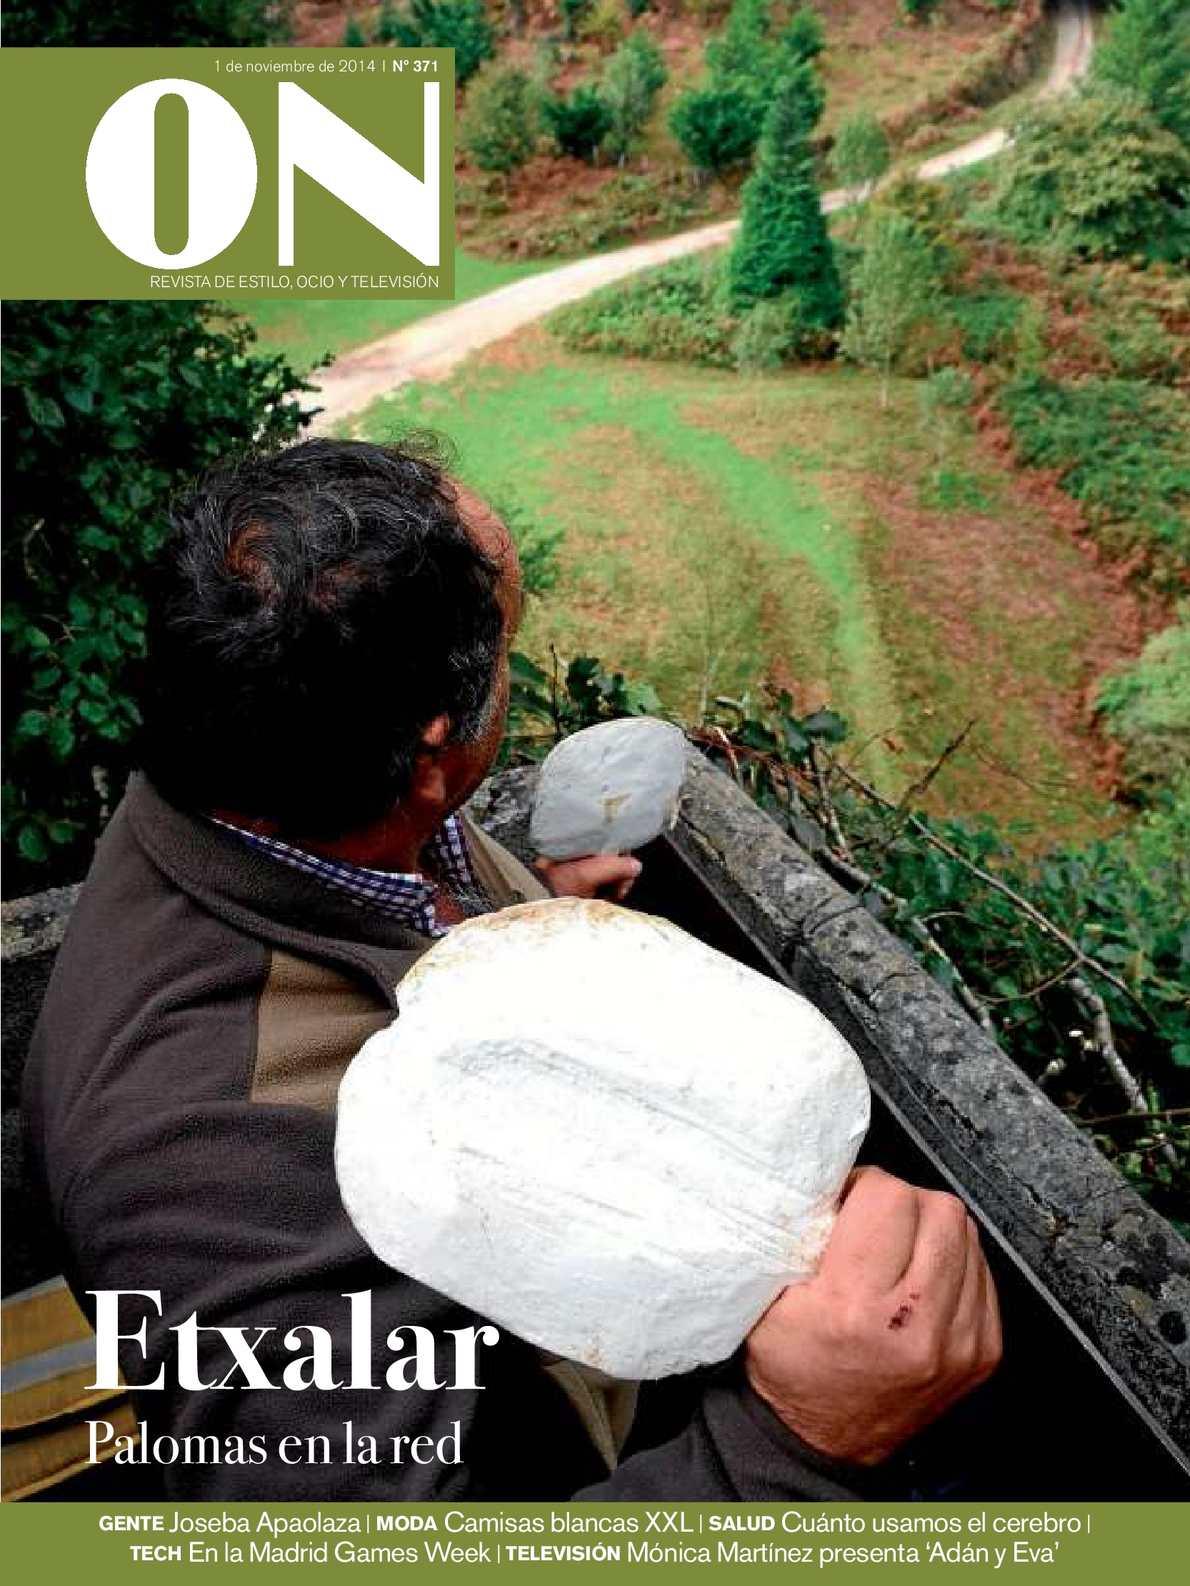 Estilo Calaméo On Revista De Y 20141101 Ocio IYfv6yb7gm